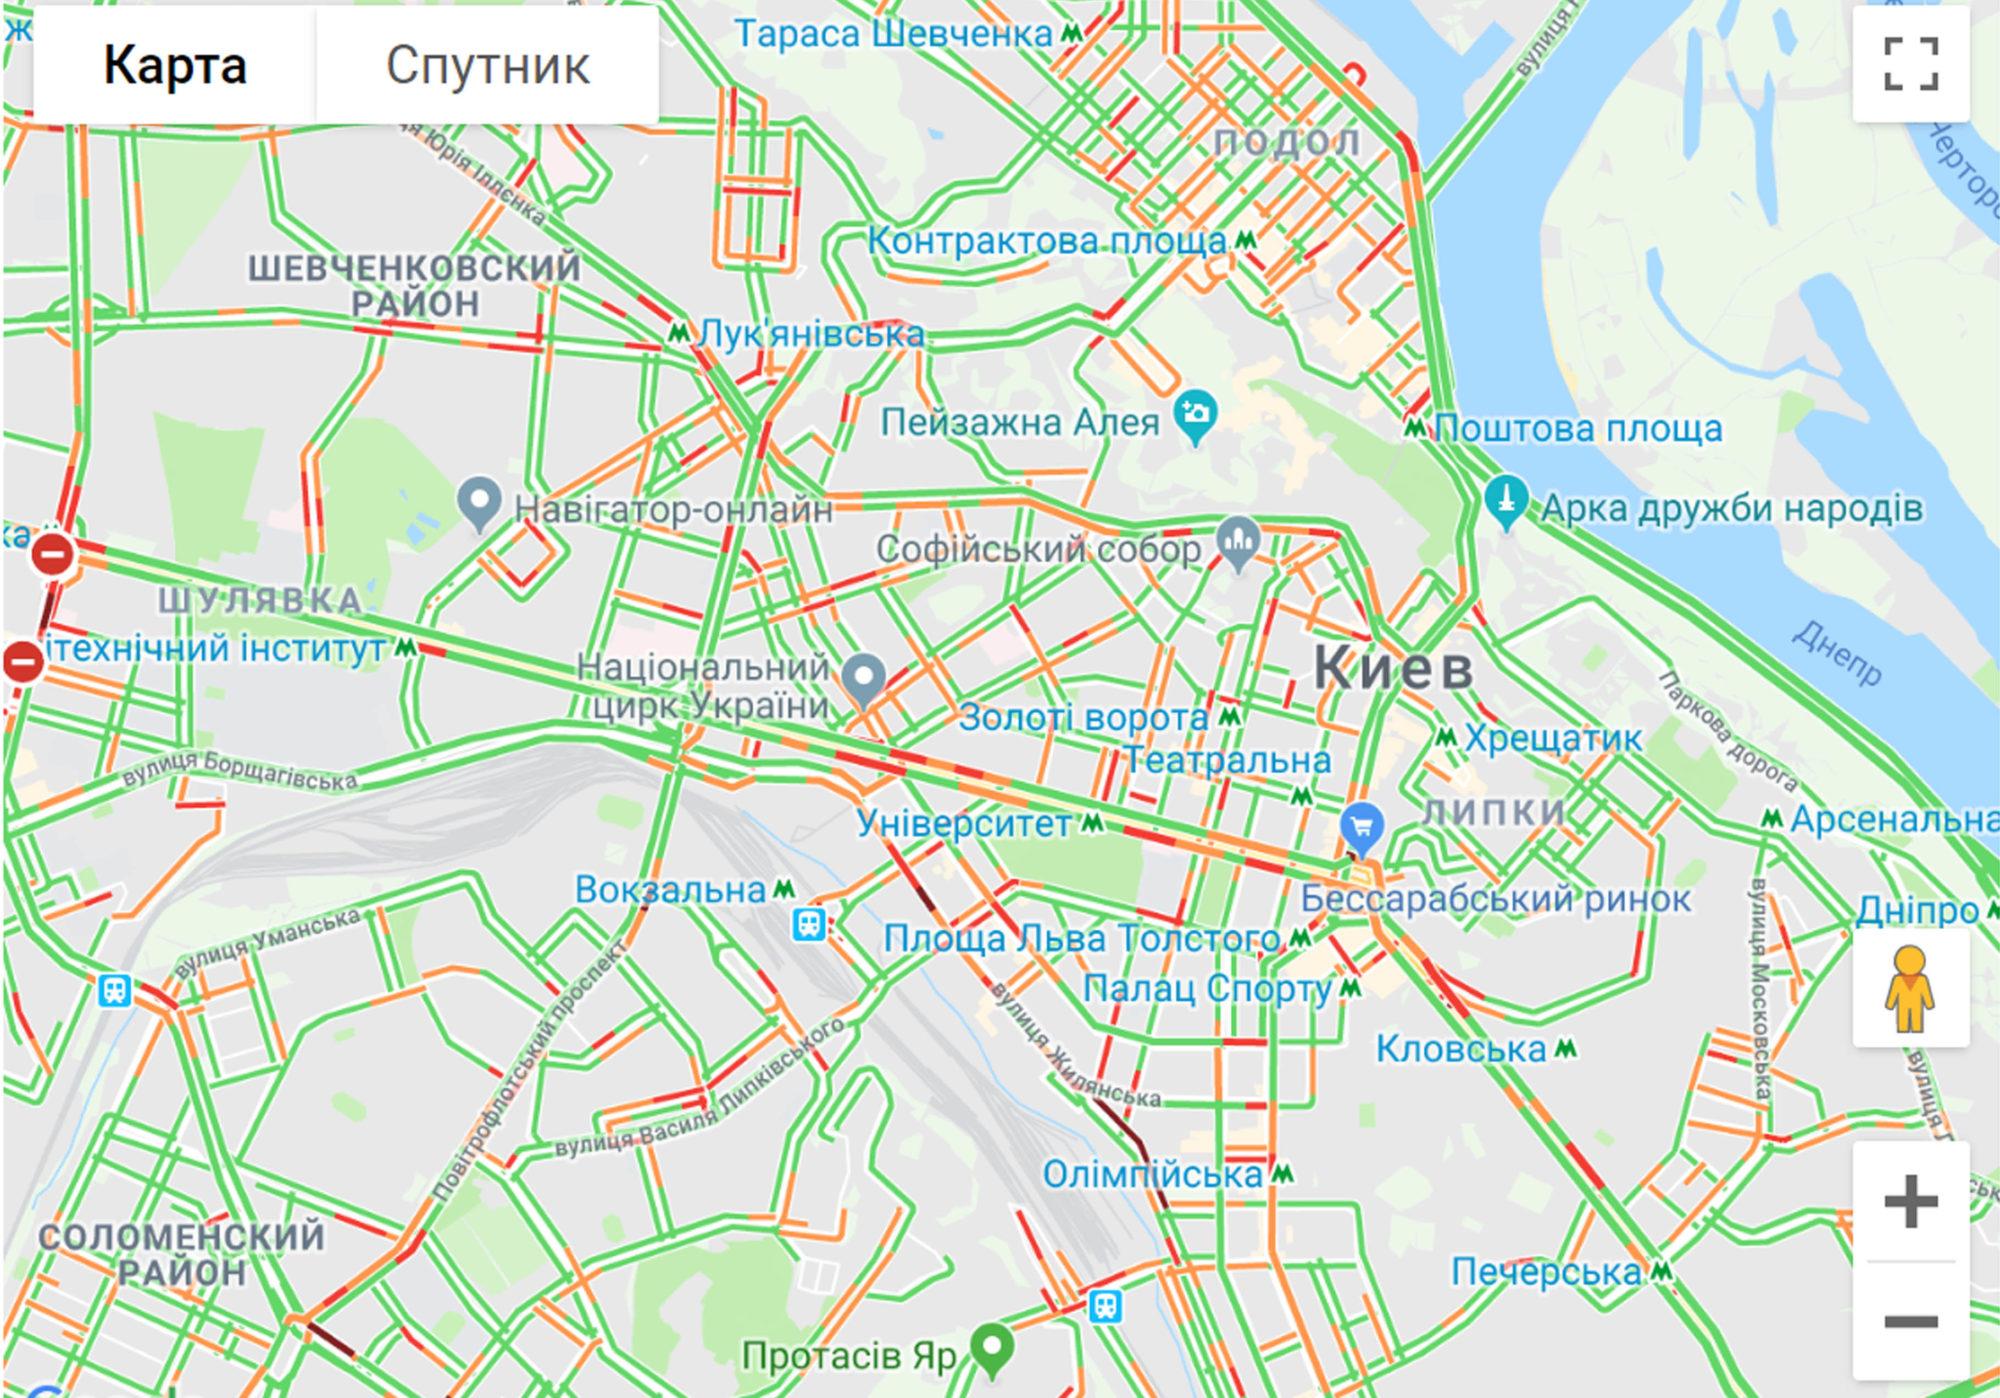 Київ майже вільний від заторів -  - z205 2000x1398